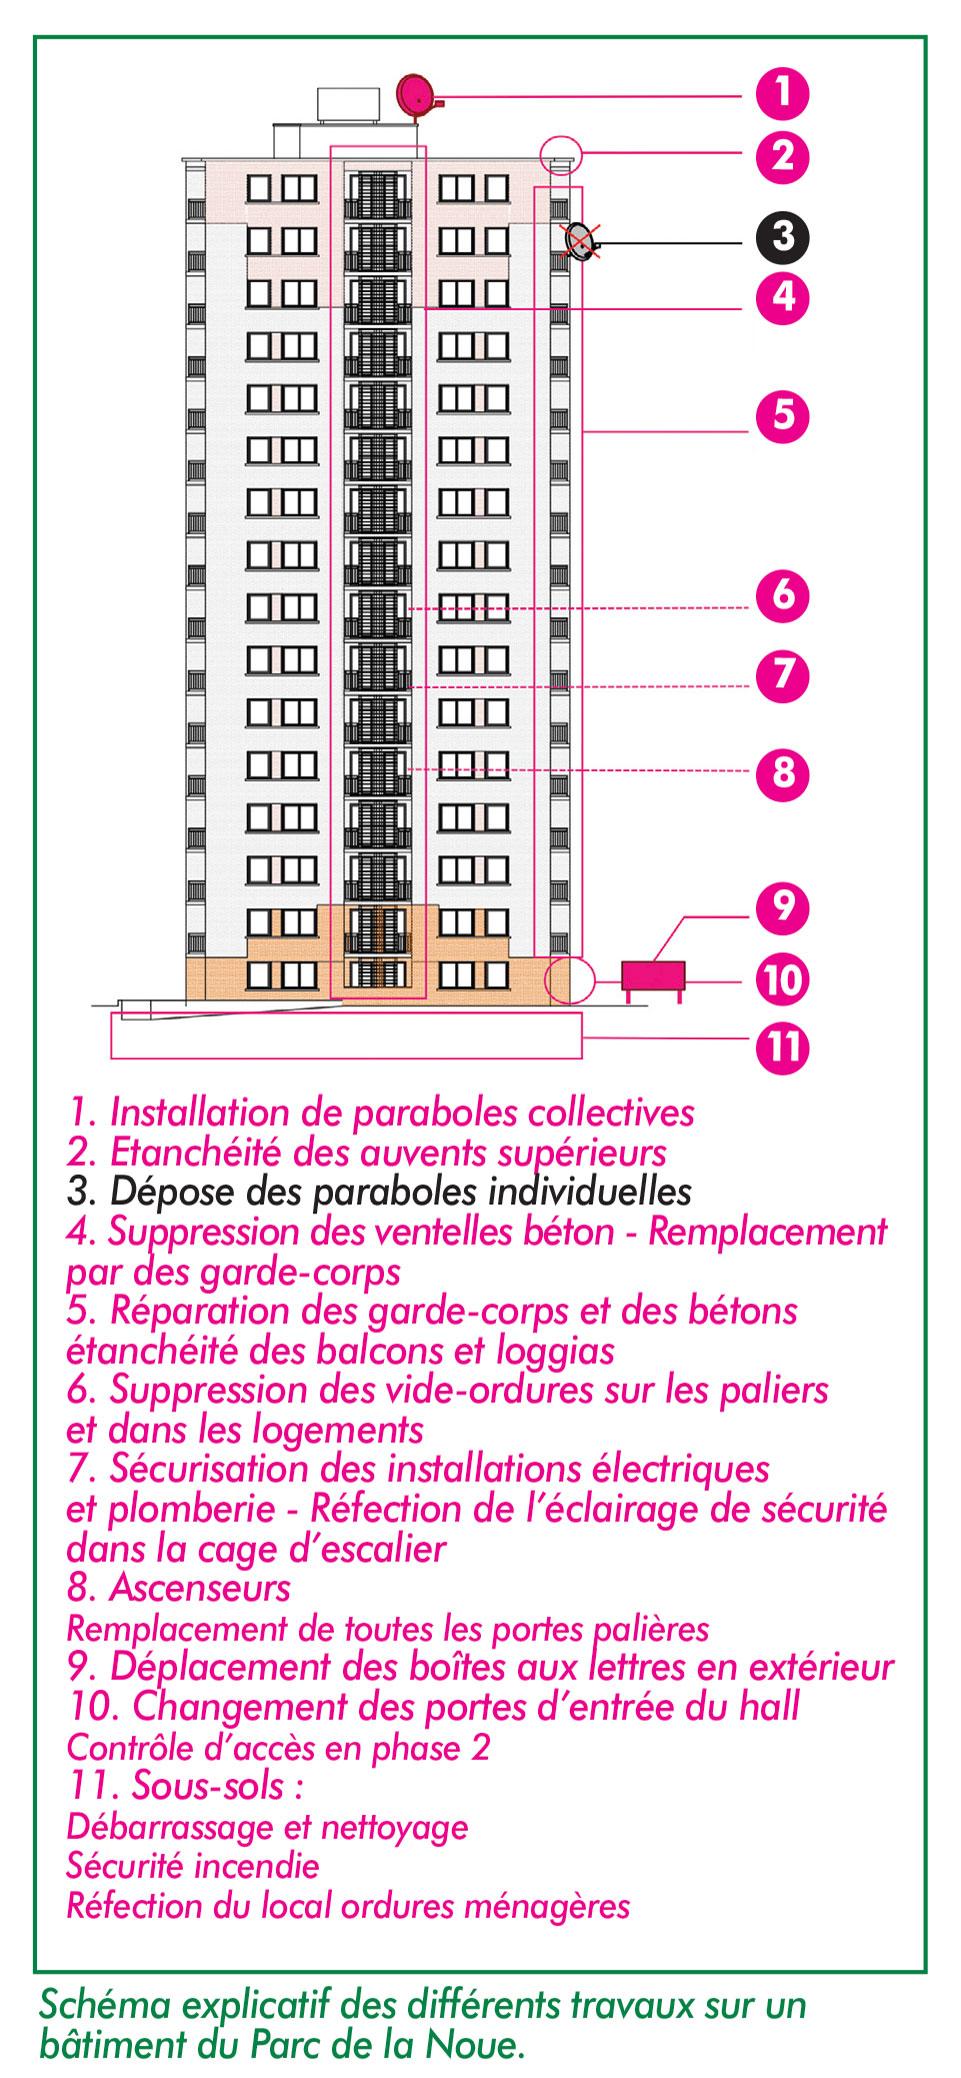 Illustration des travaux pour le Parc de la Noue à Villepinte (93)